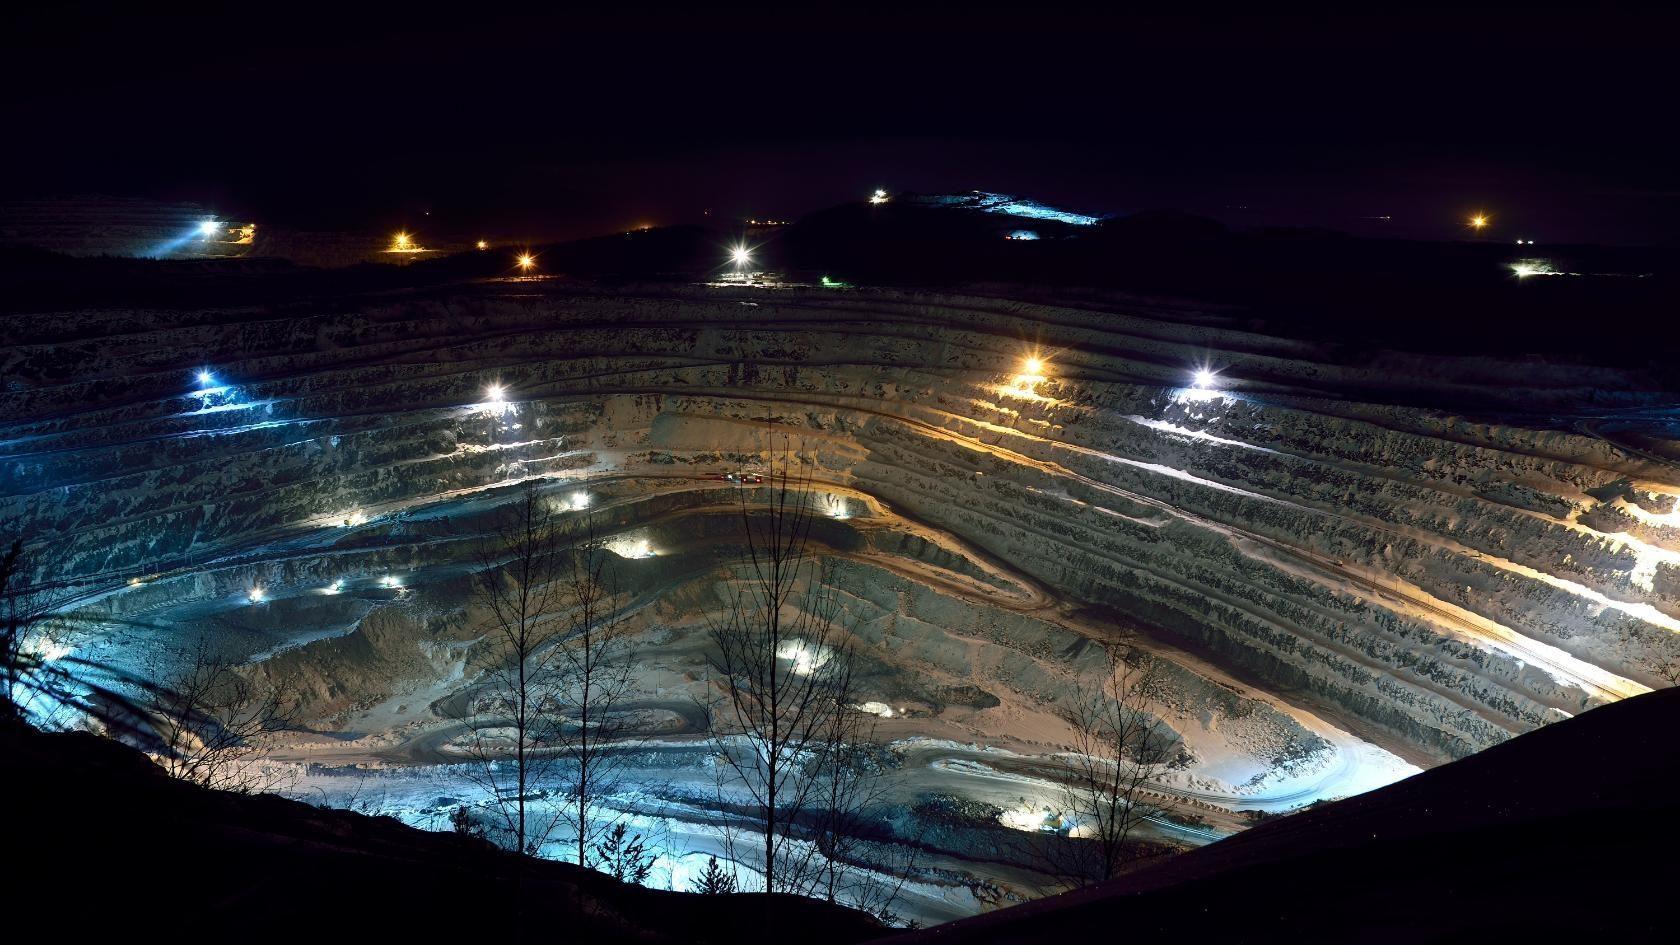 Cмотровая площадка Западного карьера в Качканаре. Фотограф Вадим Баталов